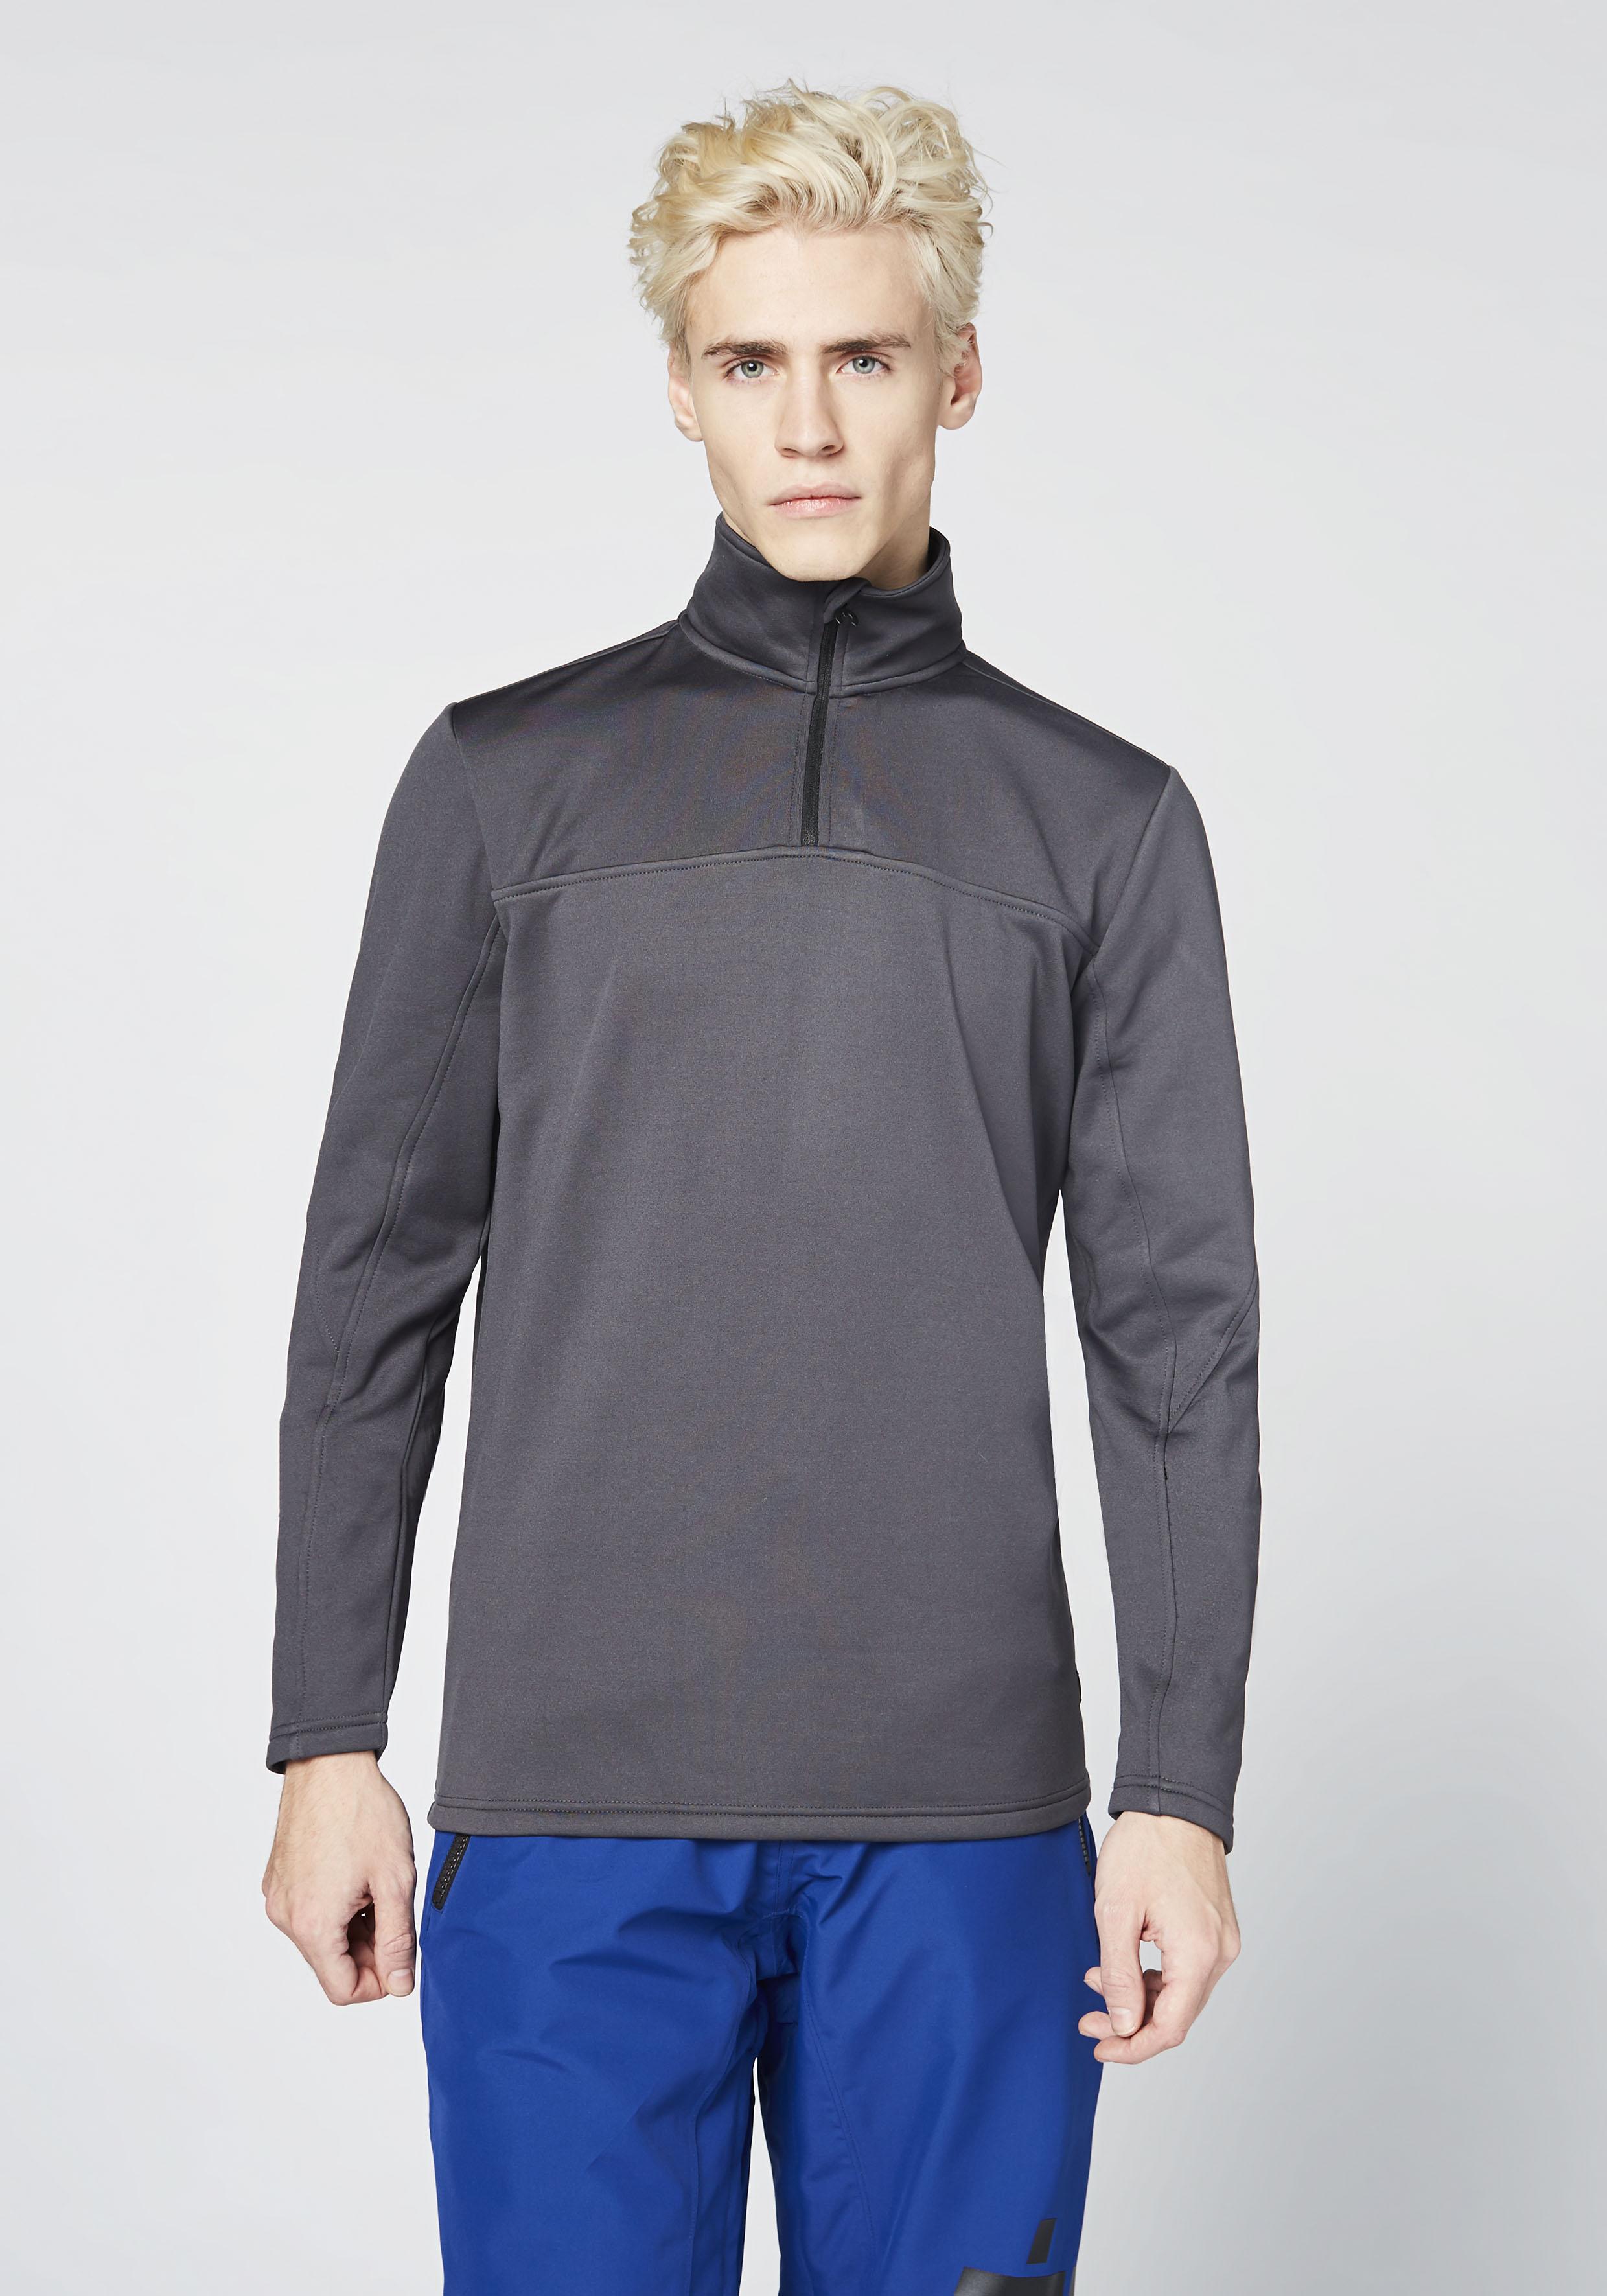 Chiemsee Strickfleece-Pullover Sweatshirt für Herren | Sportbekleidung > Fleecepullover | Grau | Fleece | Chiemsee